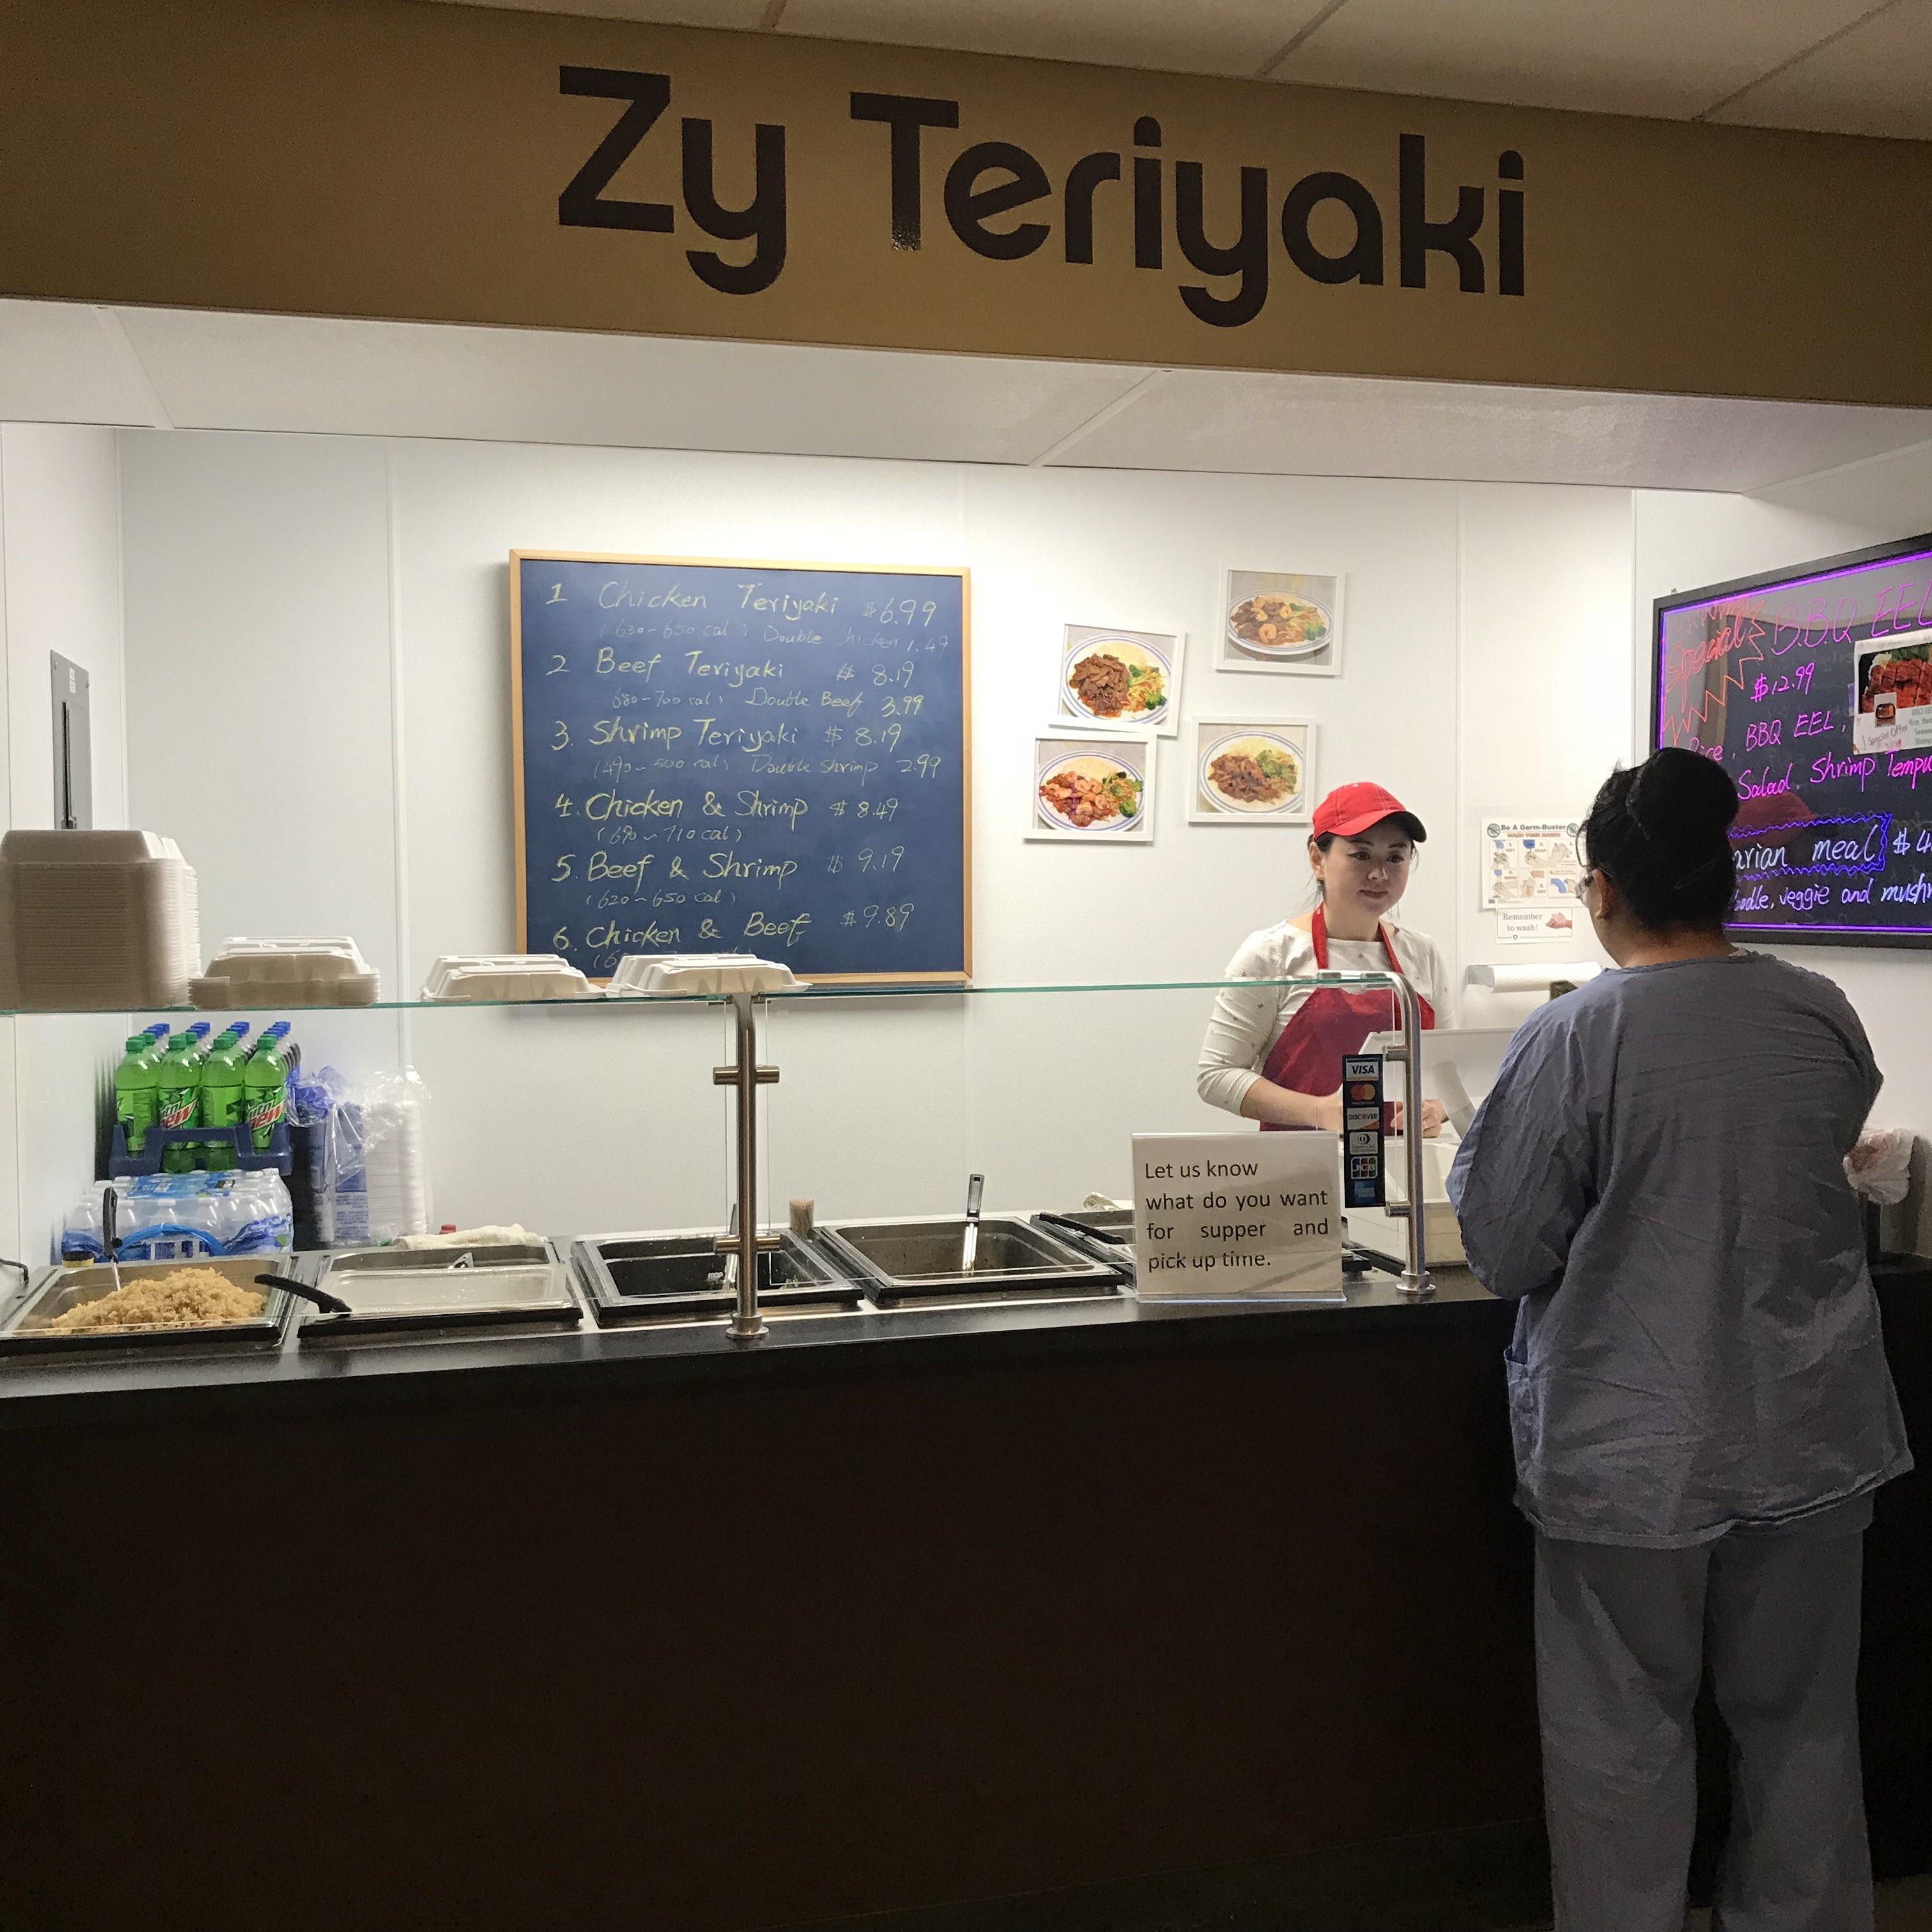 Zy Teriyaki